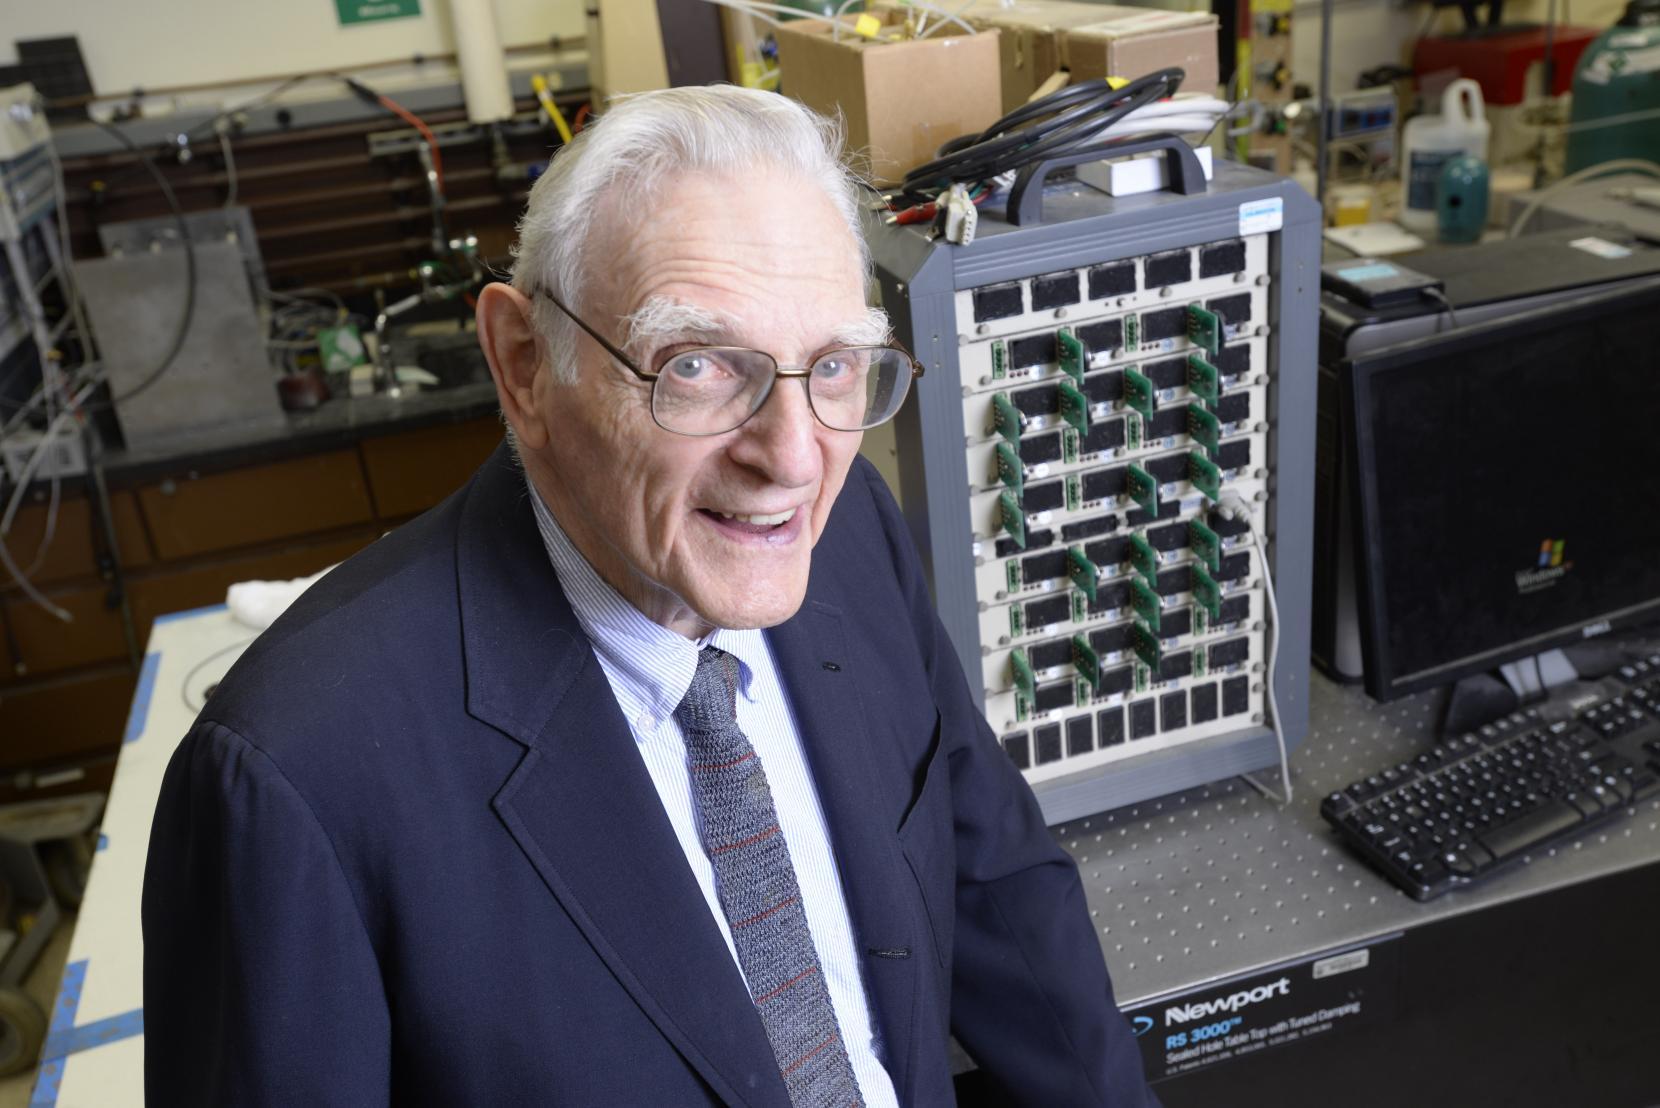 Разработана первая твердотельная батарея из стекла, которая обладает в три раза большей энергоёмкостью, чем ее литий-ионные аналоги